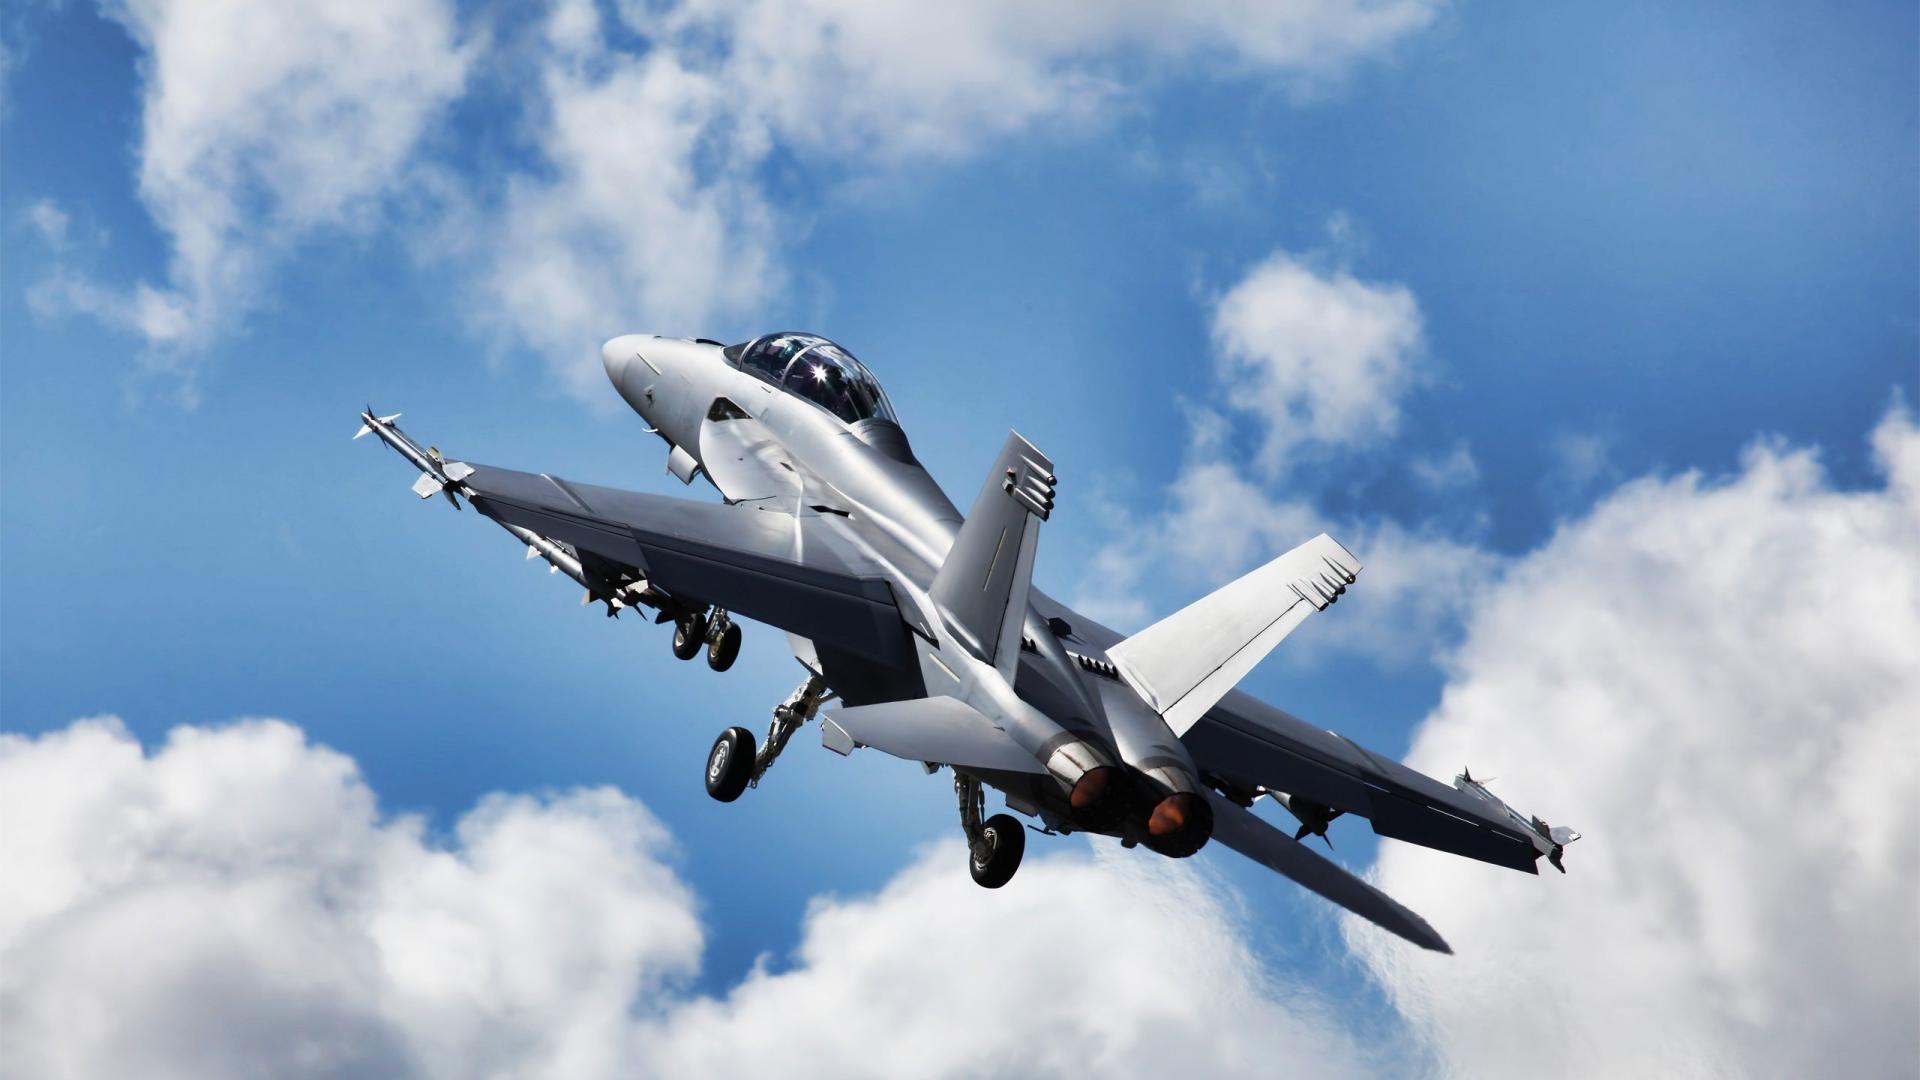 F18 Super Hornet Aircraft 1080x1920